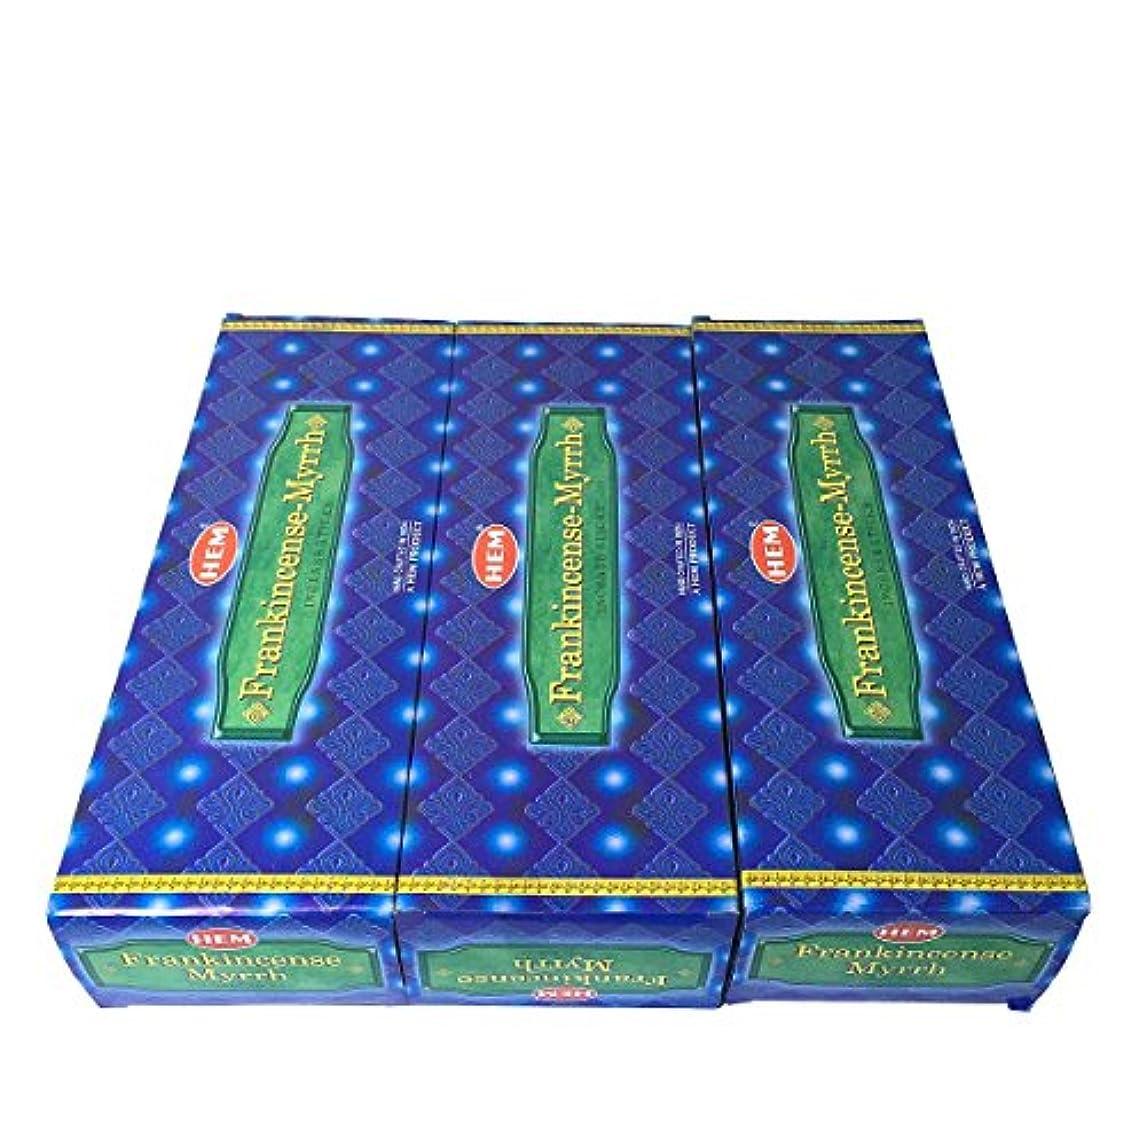 ウェーハカバー一般的にフランキンセンス ミルラ香スティック 3BOX(18箱) /HEM FRANKINCENSE MYRRH/インセンス/インド香 お香 [並行輸入品]